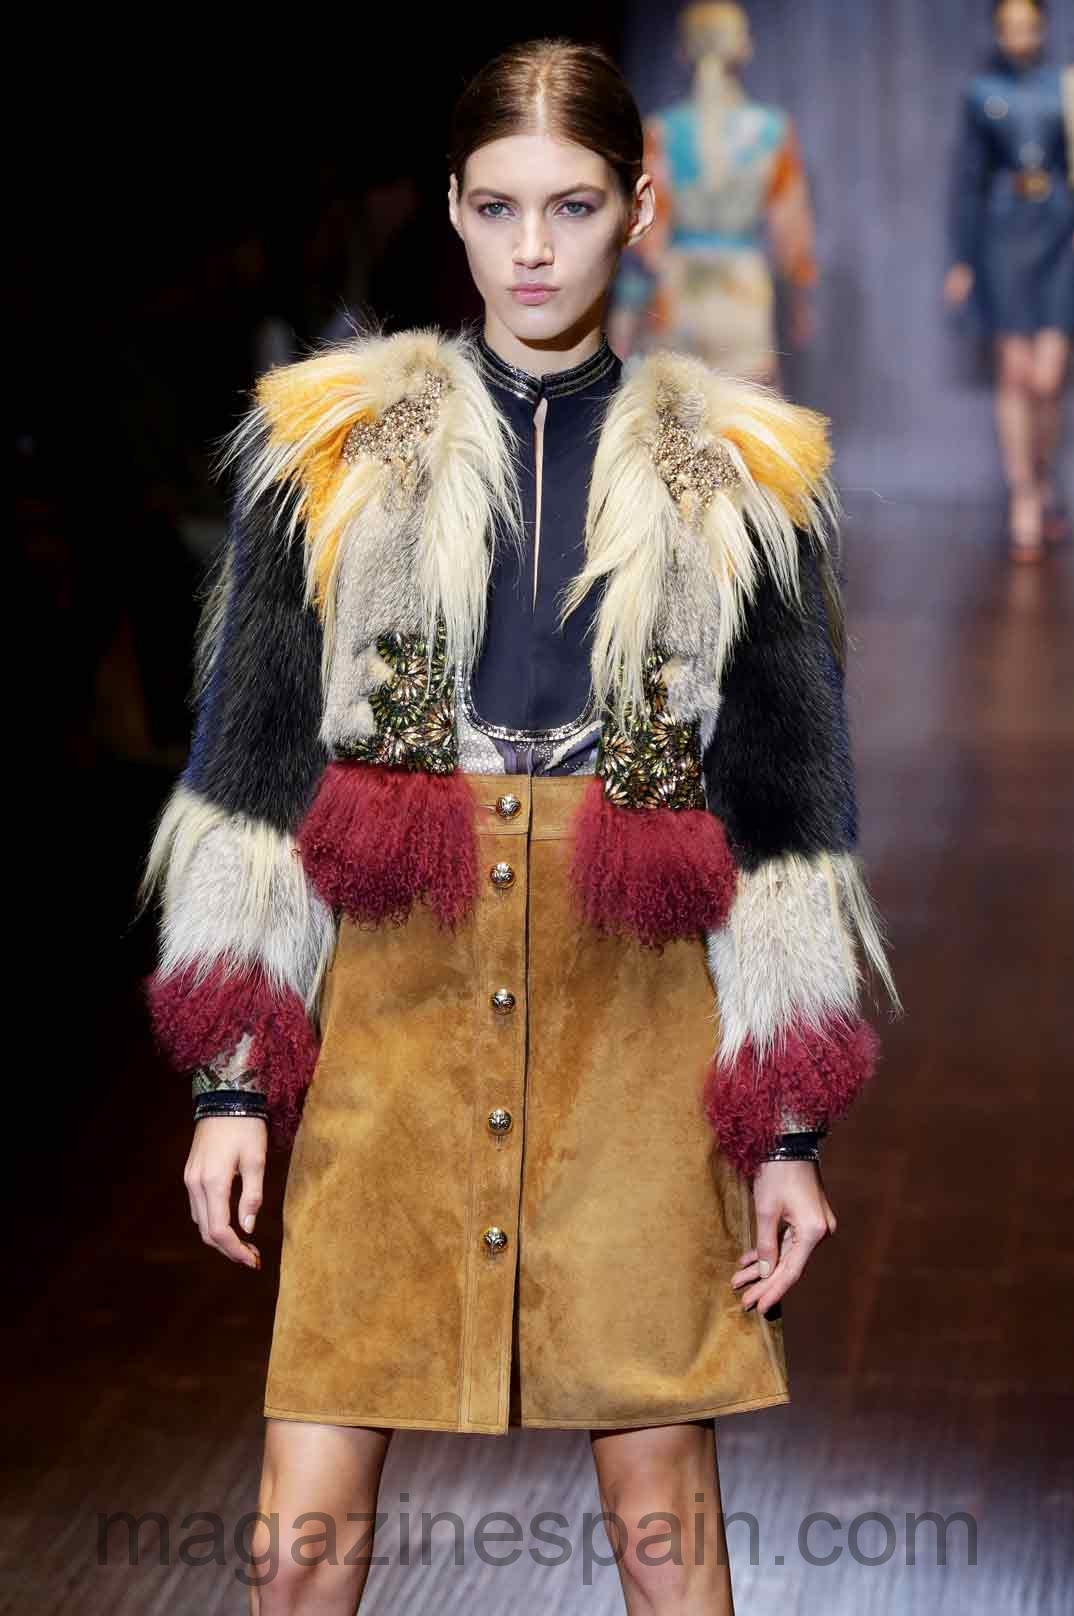 Mil n fashion week gucci for Gucci milan fashion week